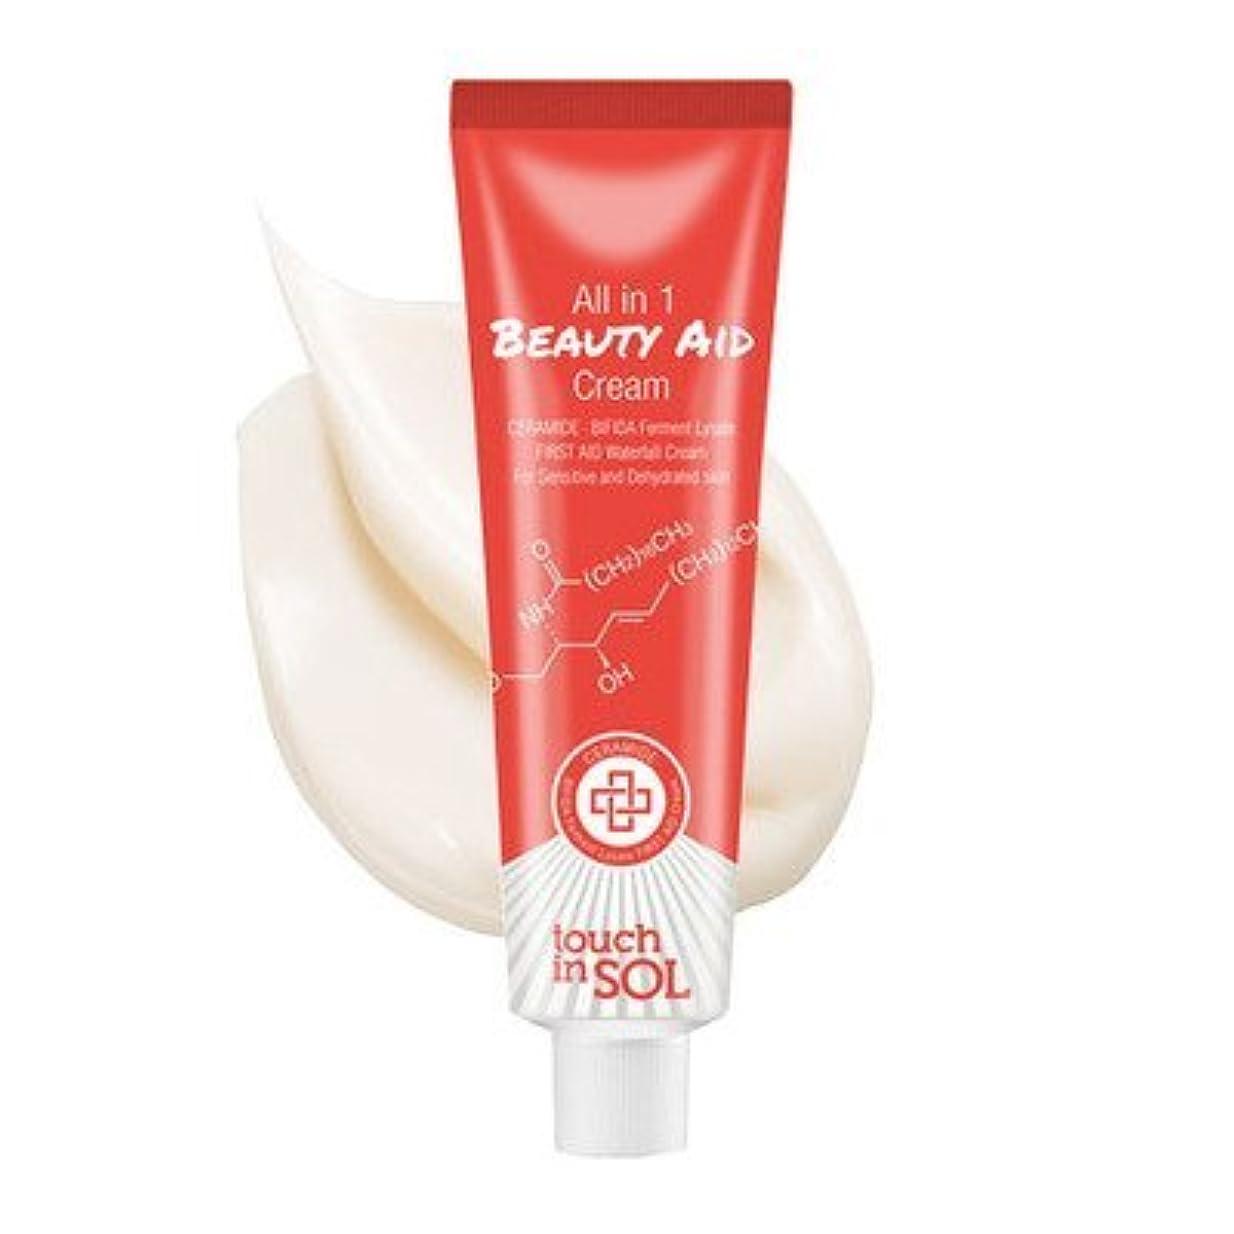 ベッツィトロットウッドトーナメント徹底TOUCH IN SOL((タッチ イン ソル)オールインワンビューティーエードクリーム/(TOUCH IN SOL)beauty aid cream [並行輸入品]